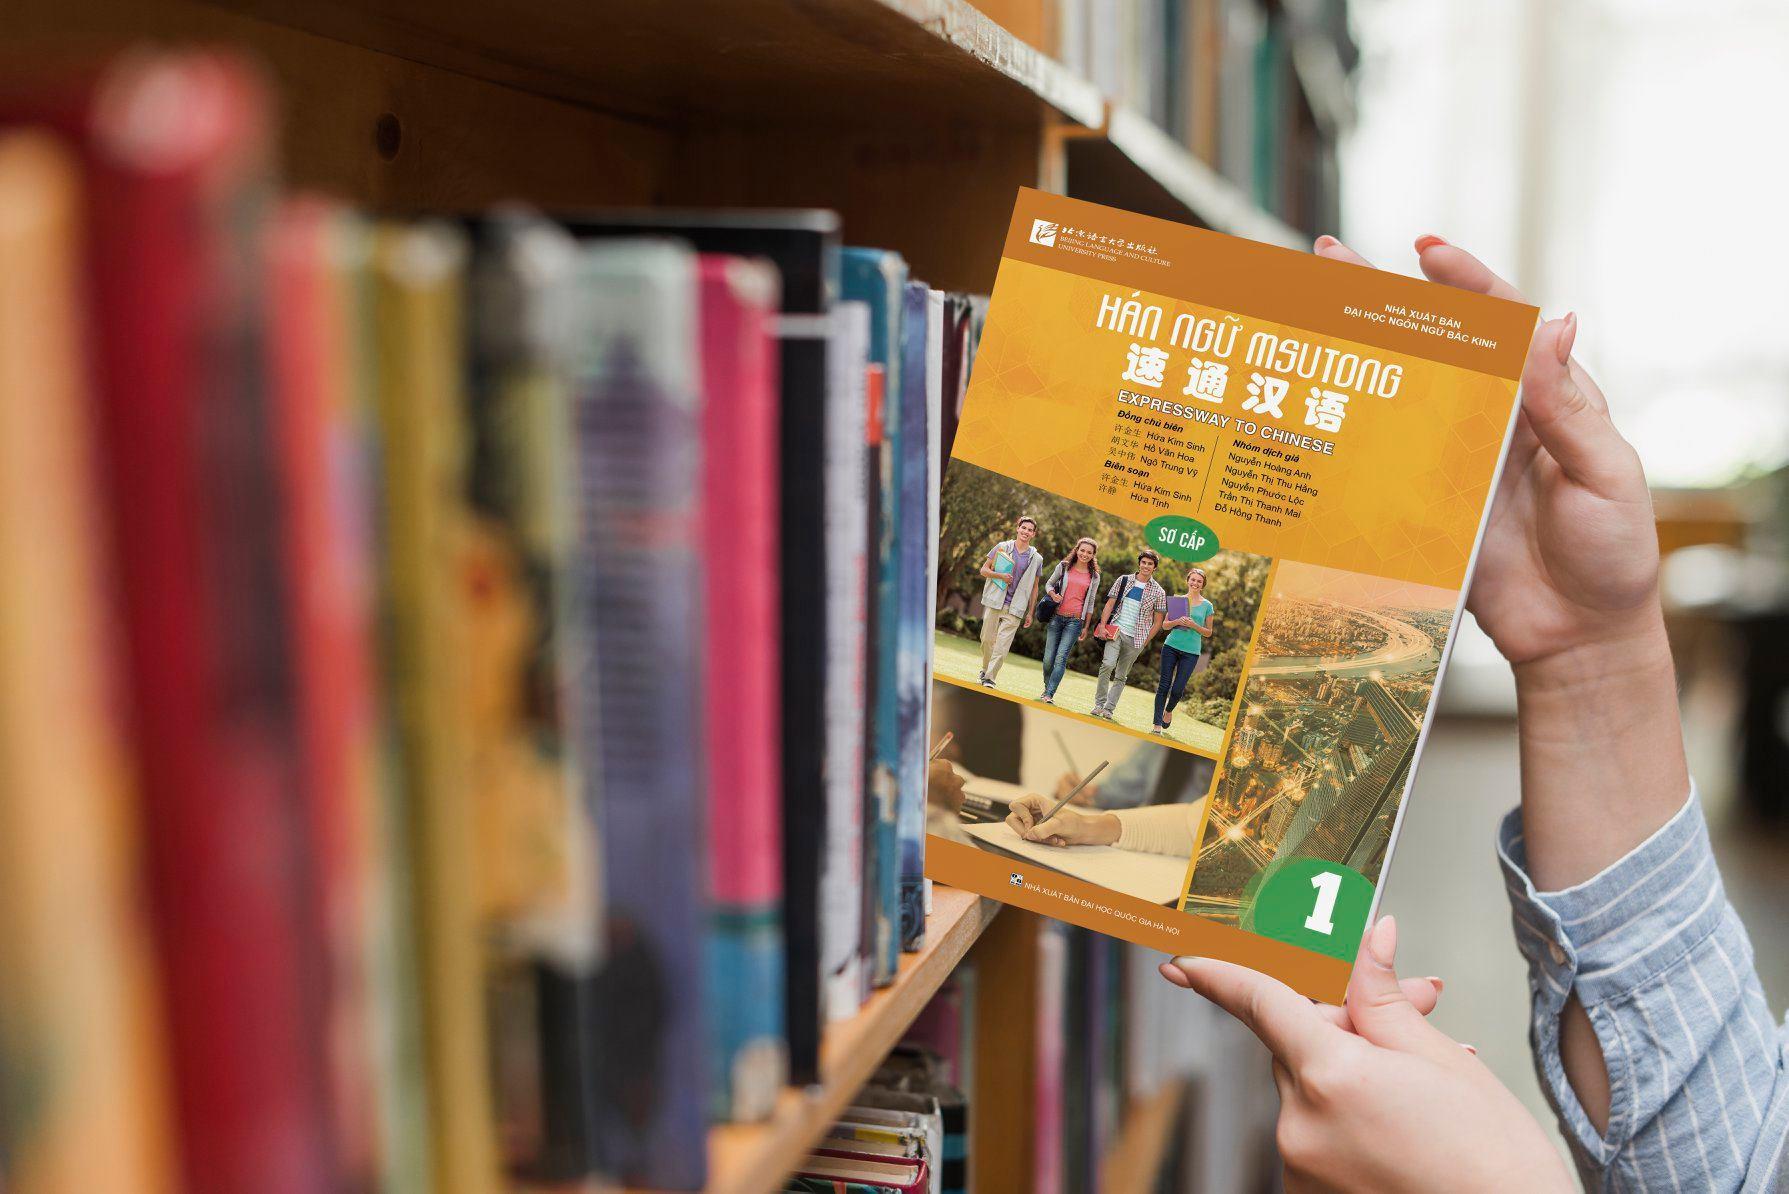 Hinh ảnh Top 8 trung tâm tiếng Trung ở Bắc Ninh 2